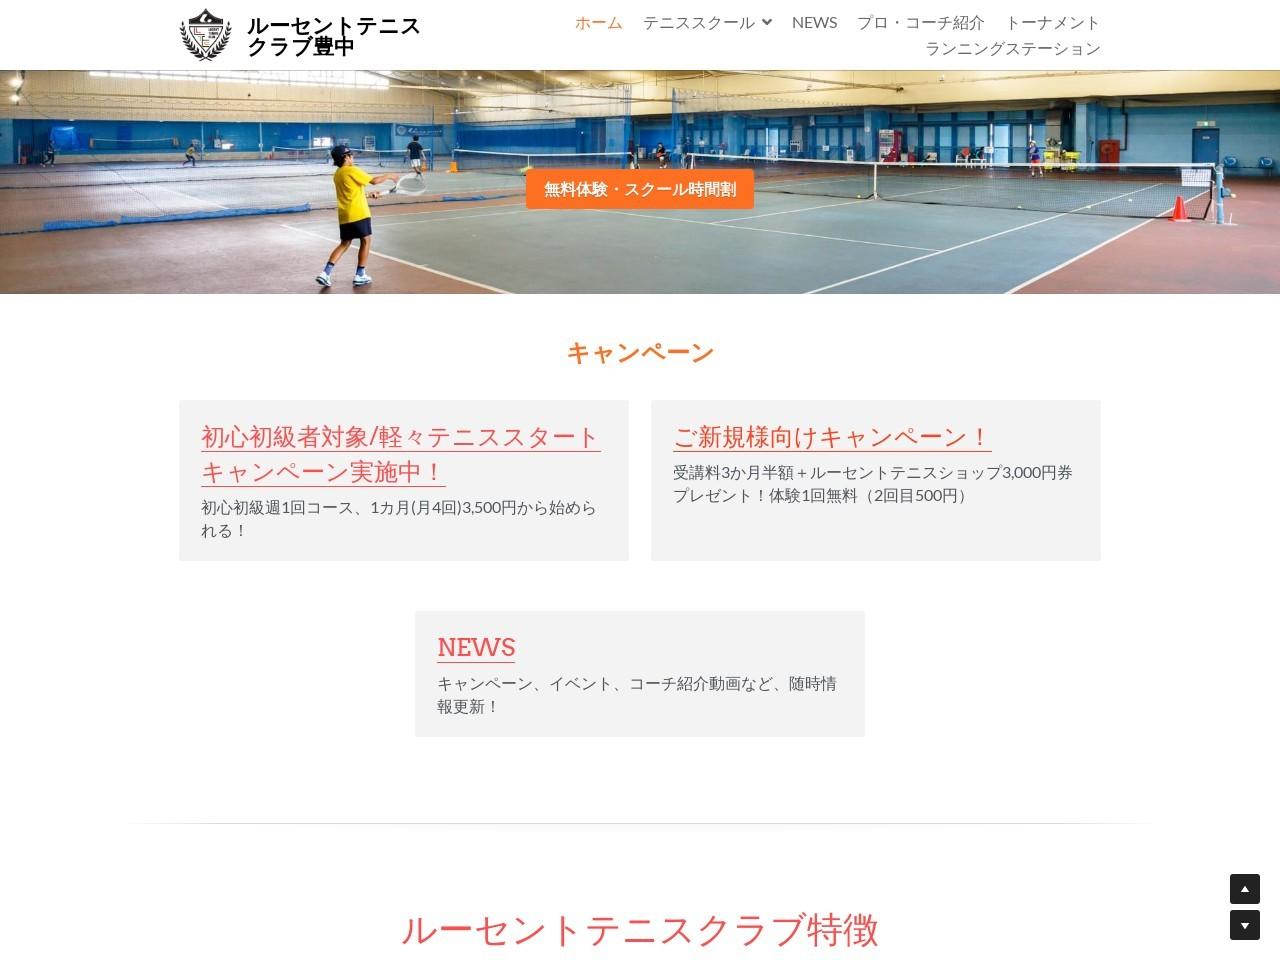 ルーセントテニスクラブ豊中